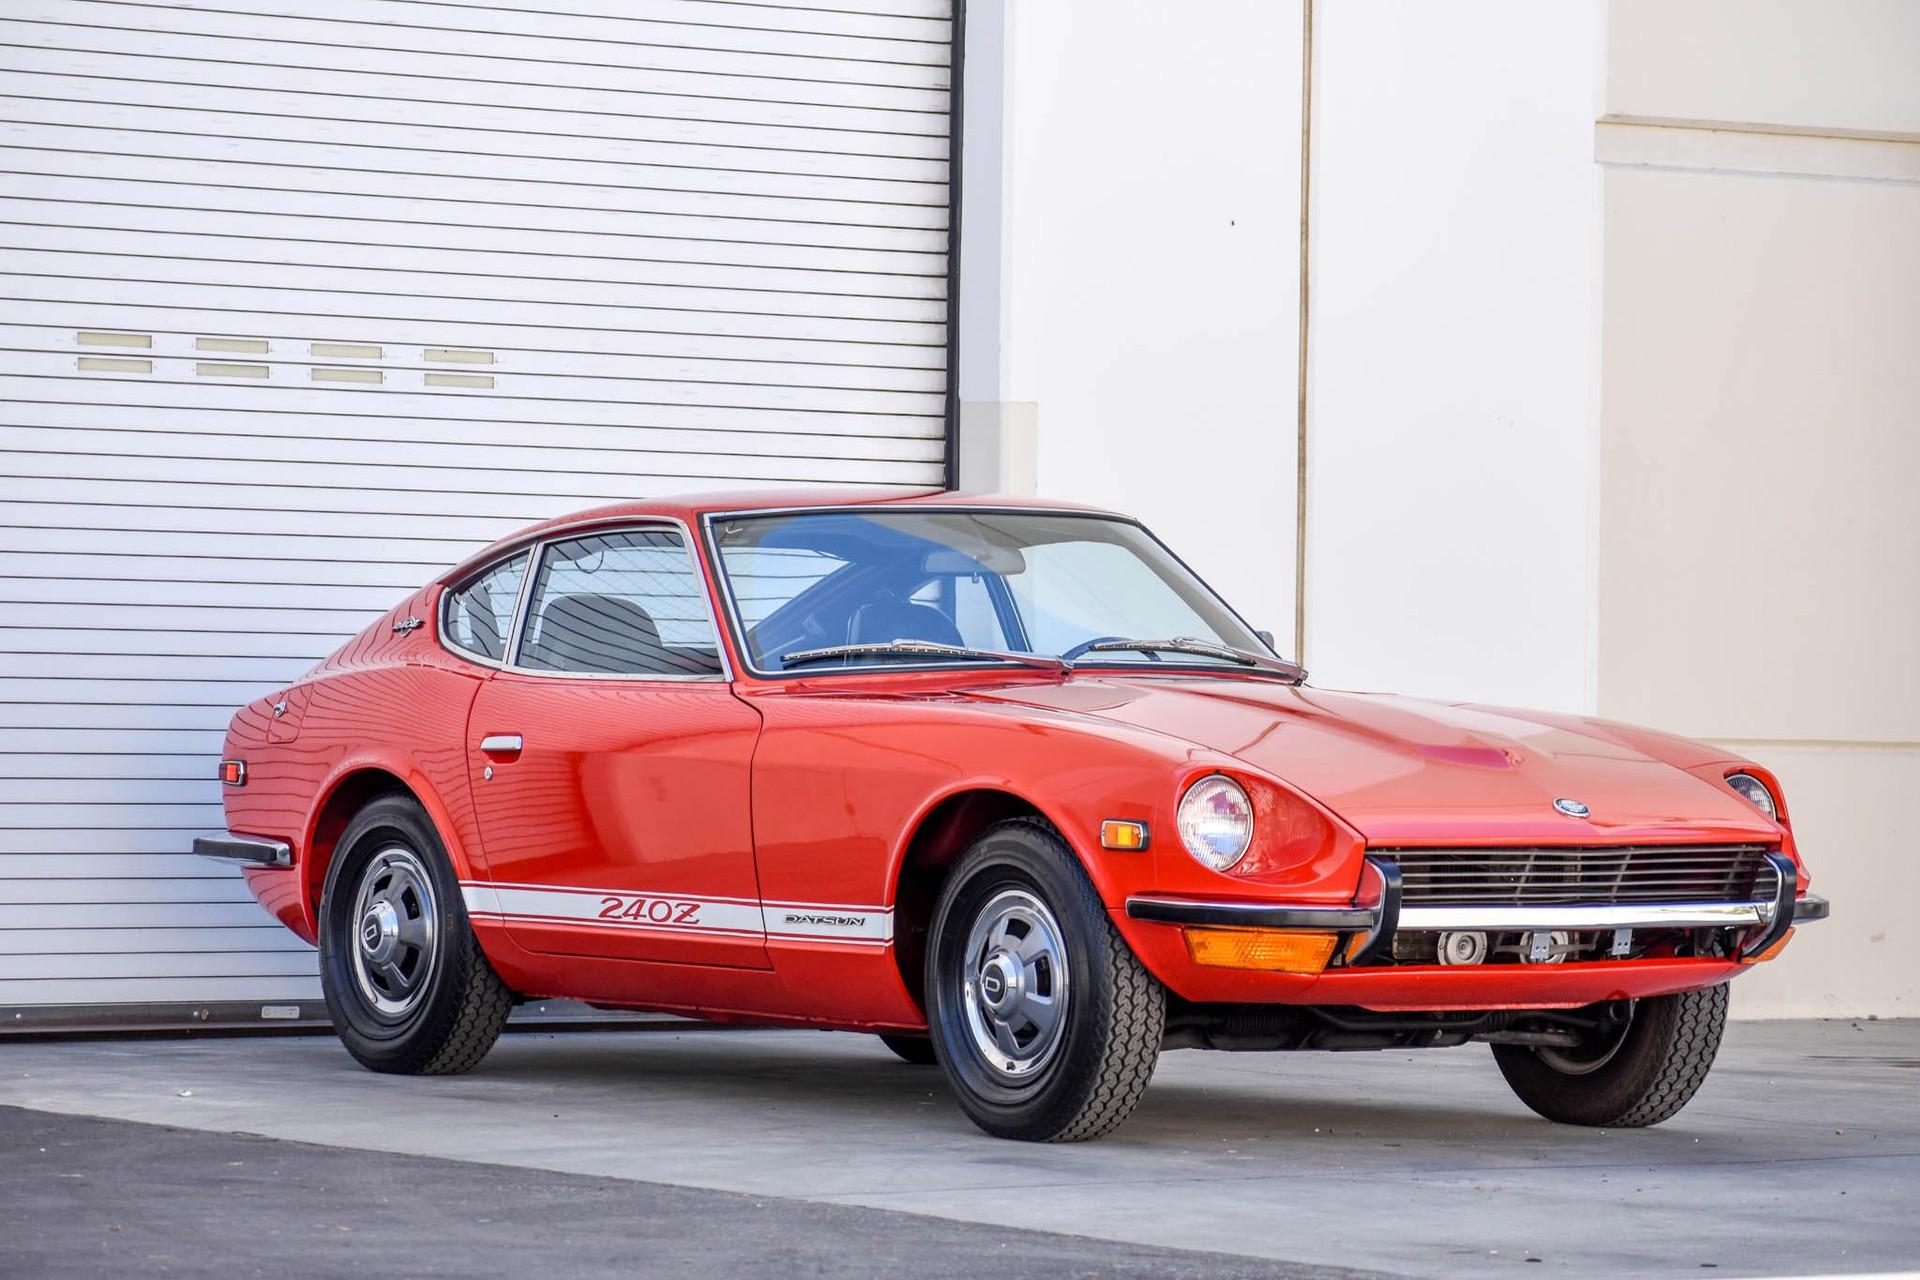 1971_Datsun_240Z_auction_0000